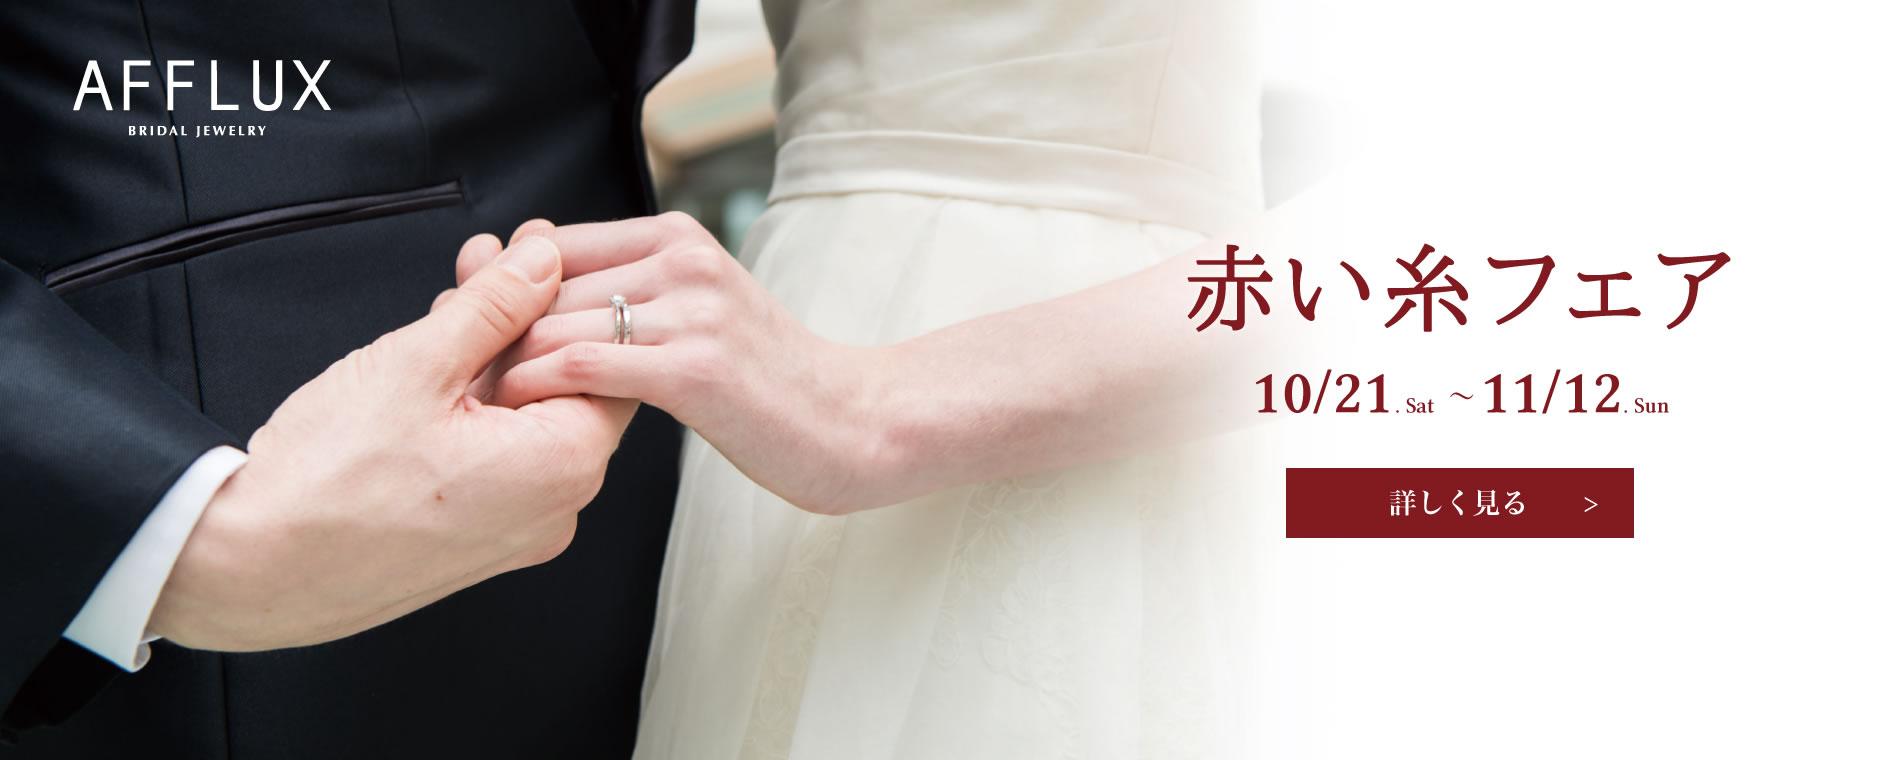 赤い糸フェア 10/21.sat-11/12.sun